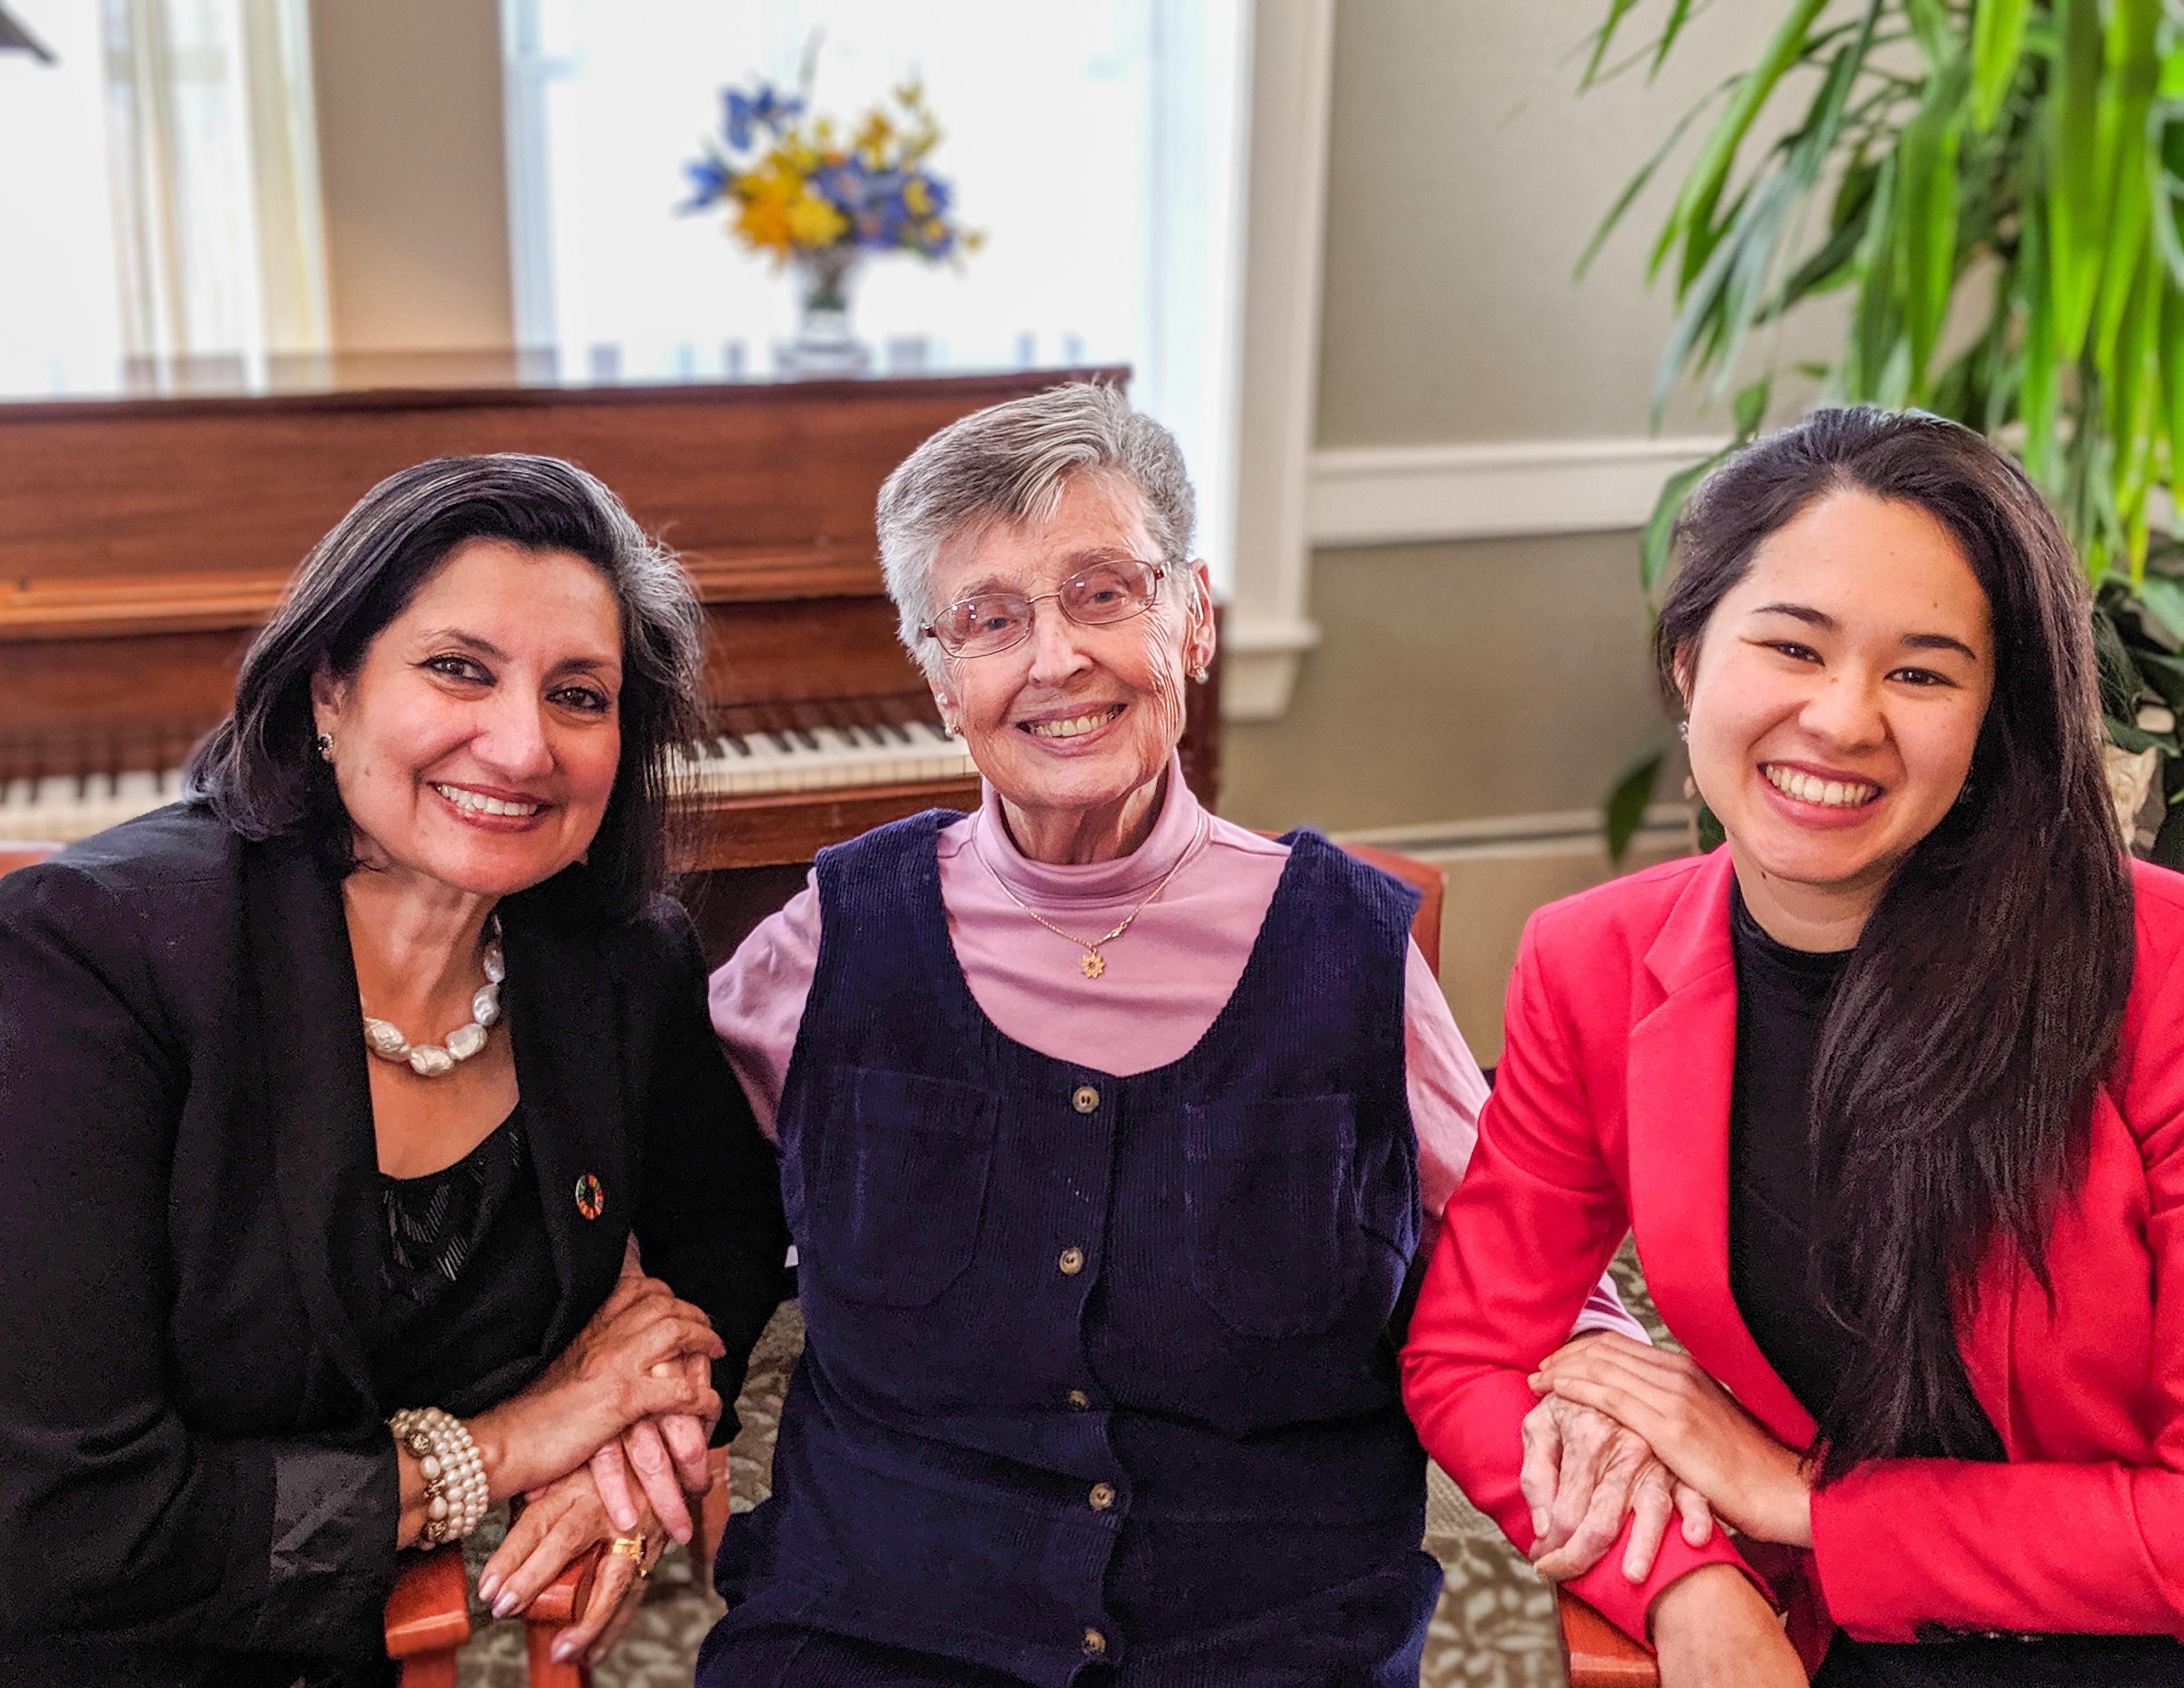 Бани Дугал, главный представитель МСБ (слева), и представитель МСБ Сапфира Рамешфар (справа) с Мэри Пауэр, которая в качестве главного представителя МСБ в 1995 году председательствовала на крупном форуме неправительственных организаций на Четвертой Всемирной конференции по положению женщин.